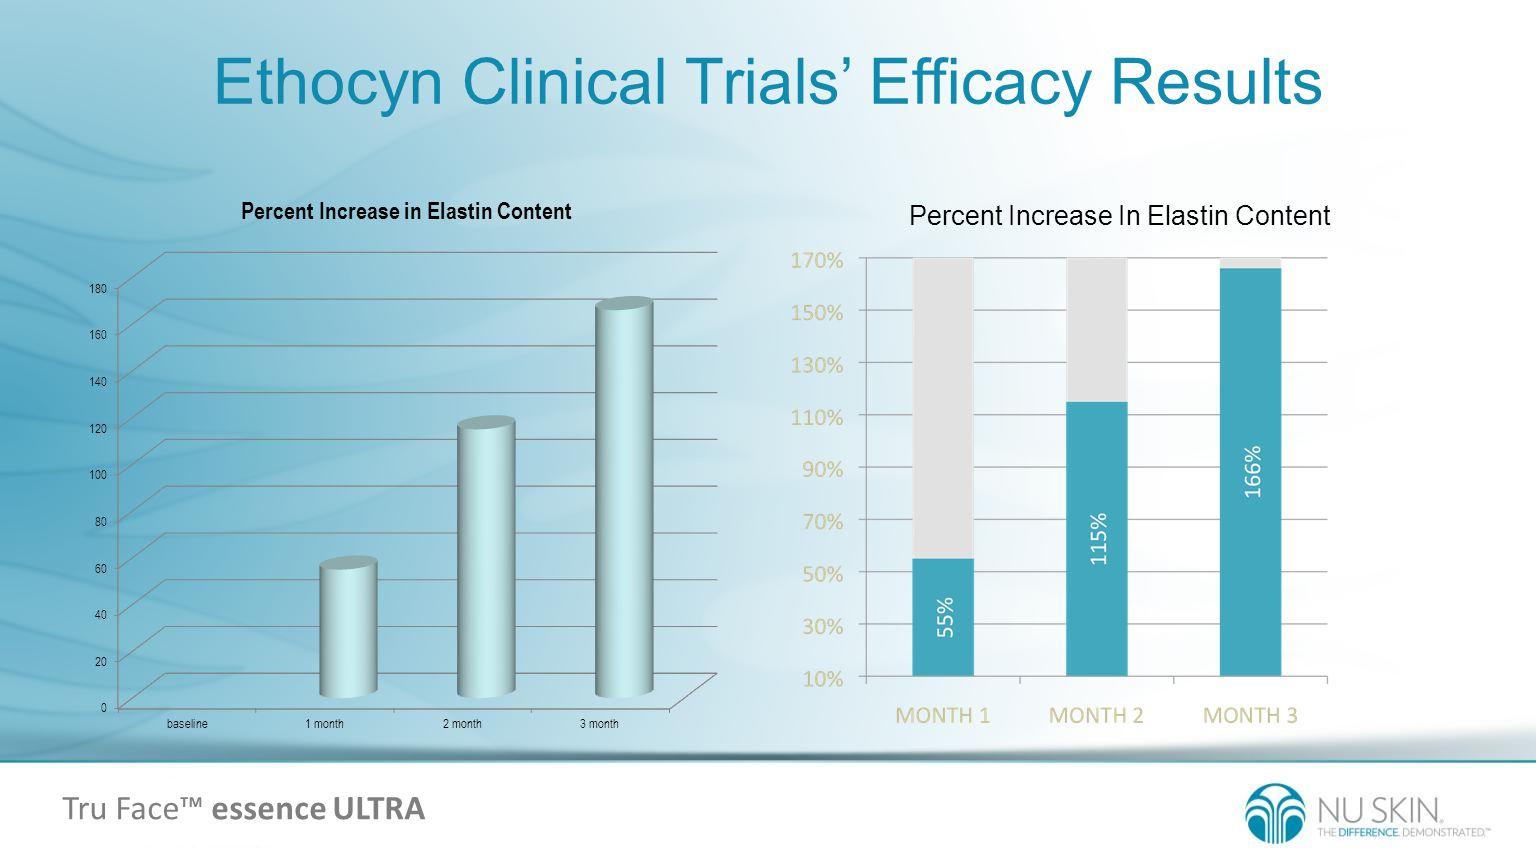 Ethocyn Clinical Trials' Efficacy Results